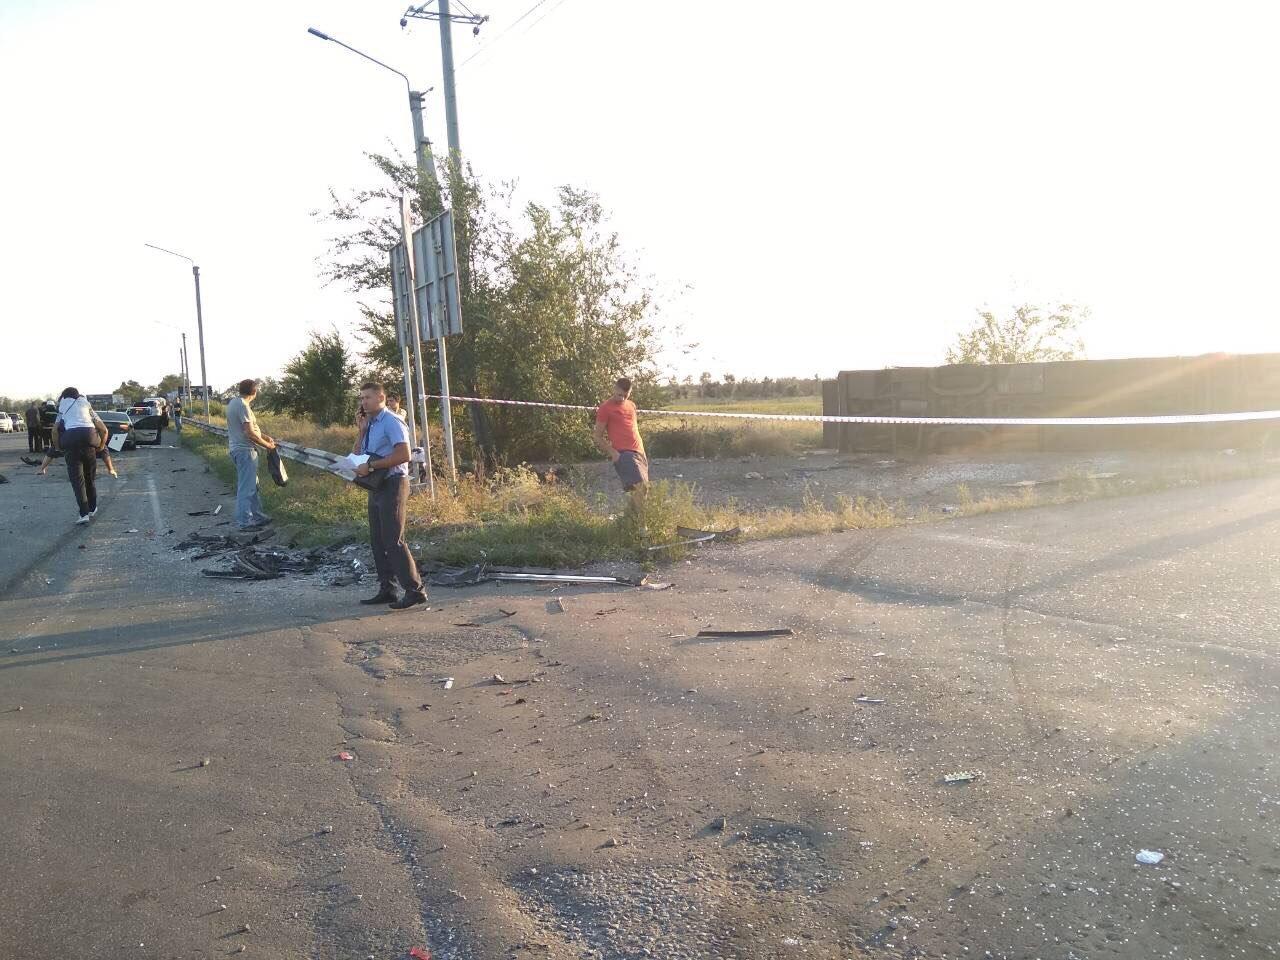 На Днепропетровщине столкнулись иномарка и рейсовый автобус: есть погибшие,  - ФОТО, фото-4